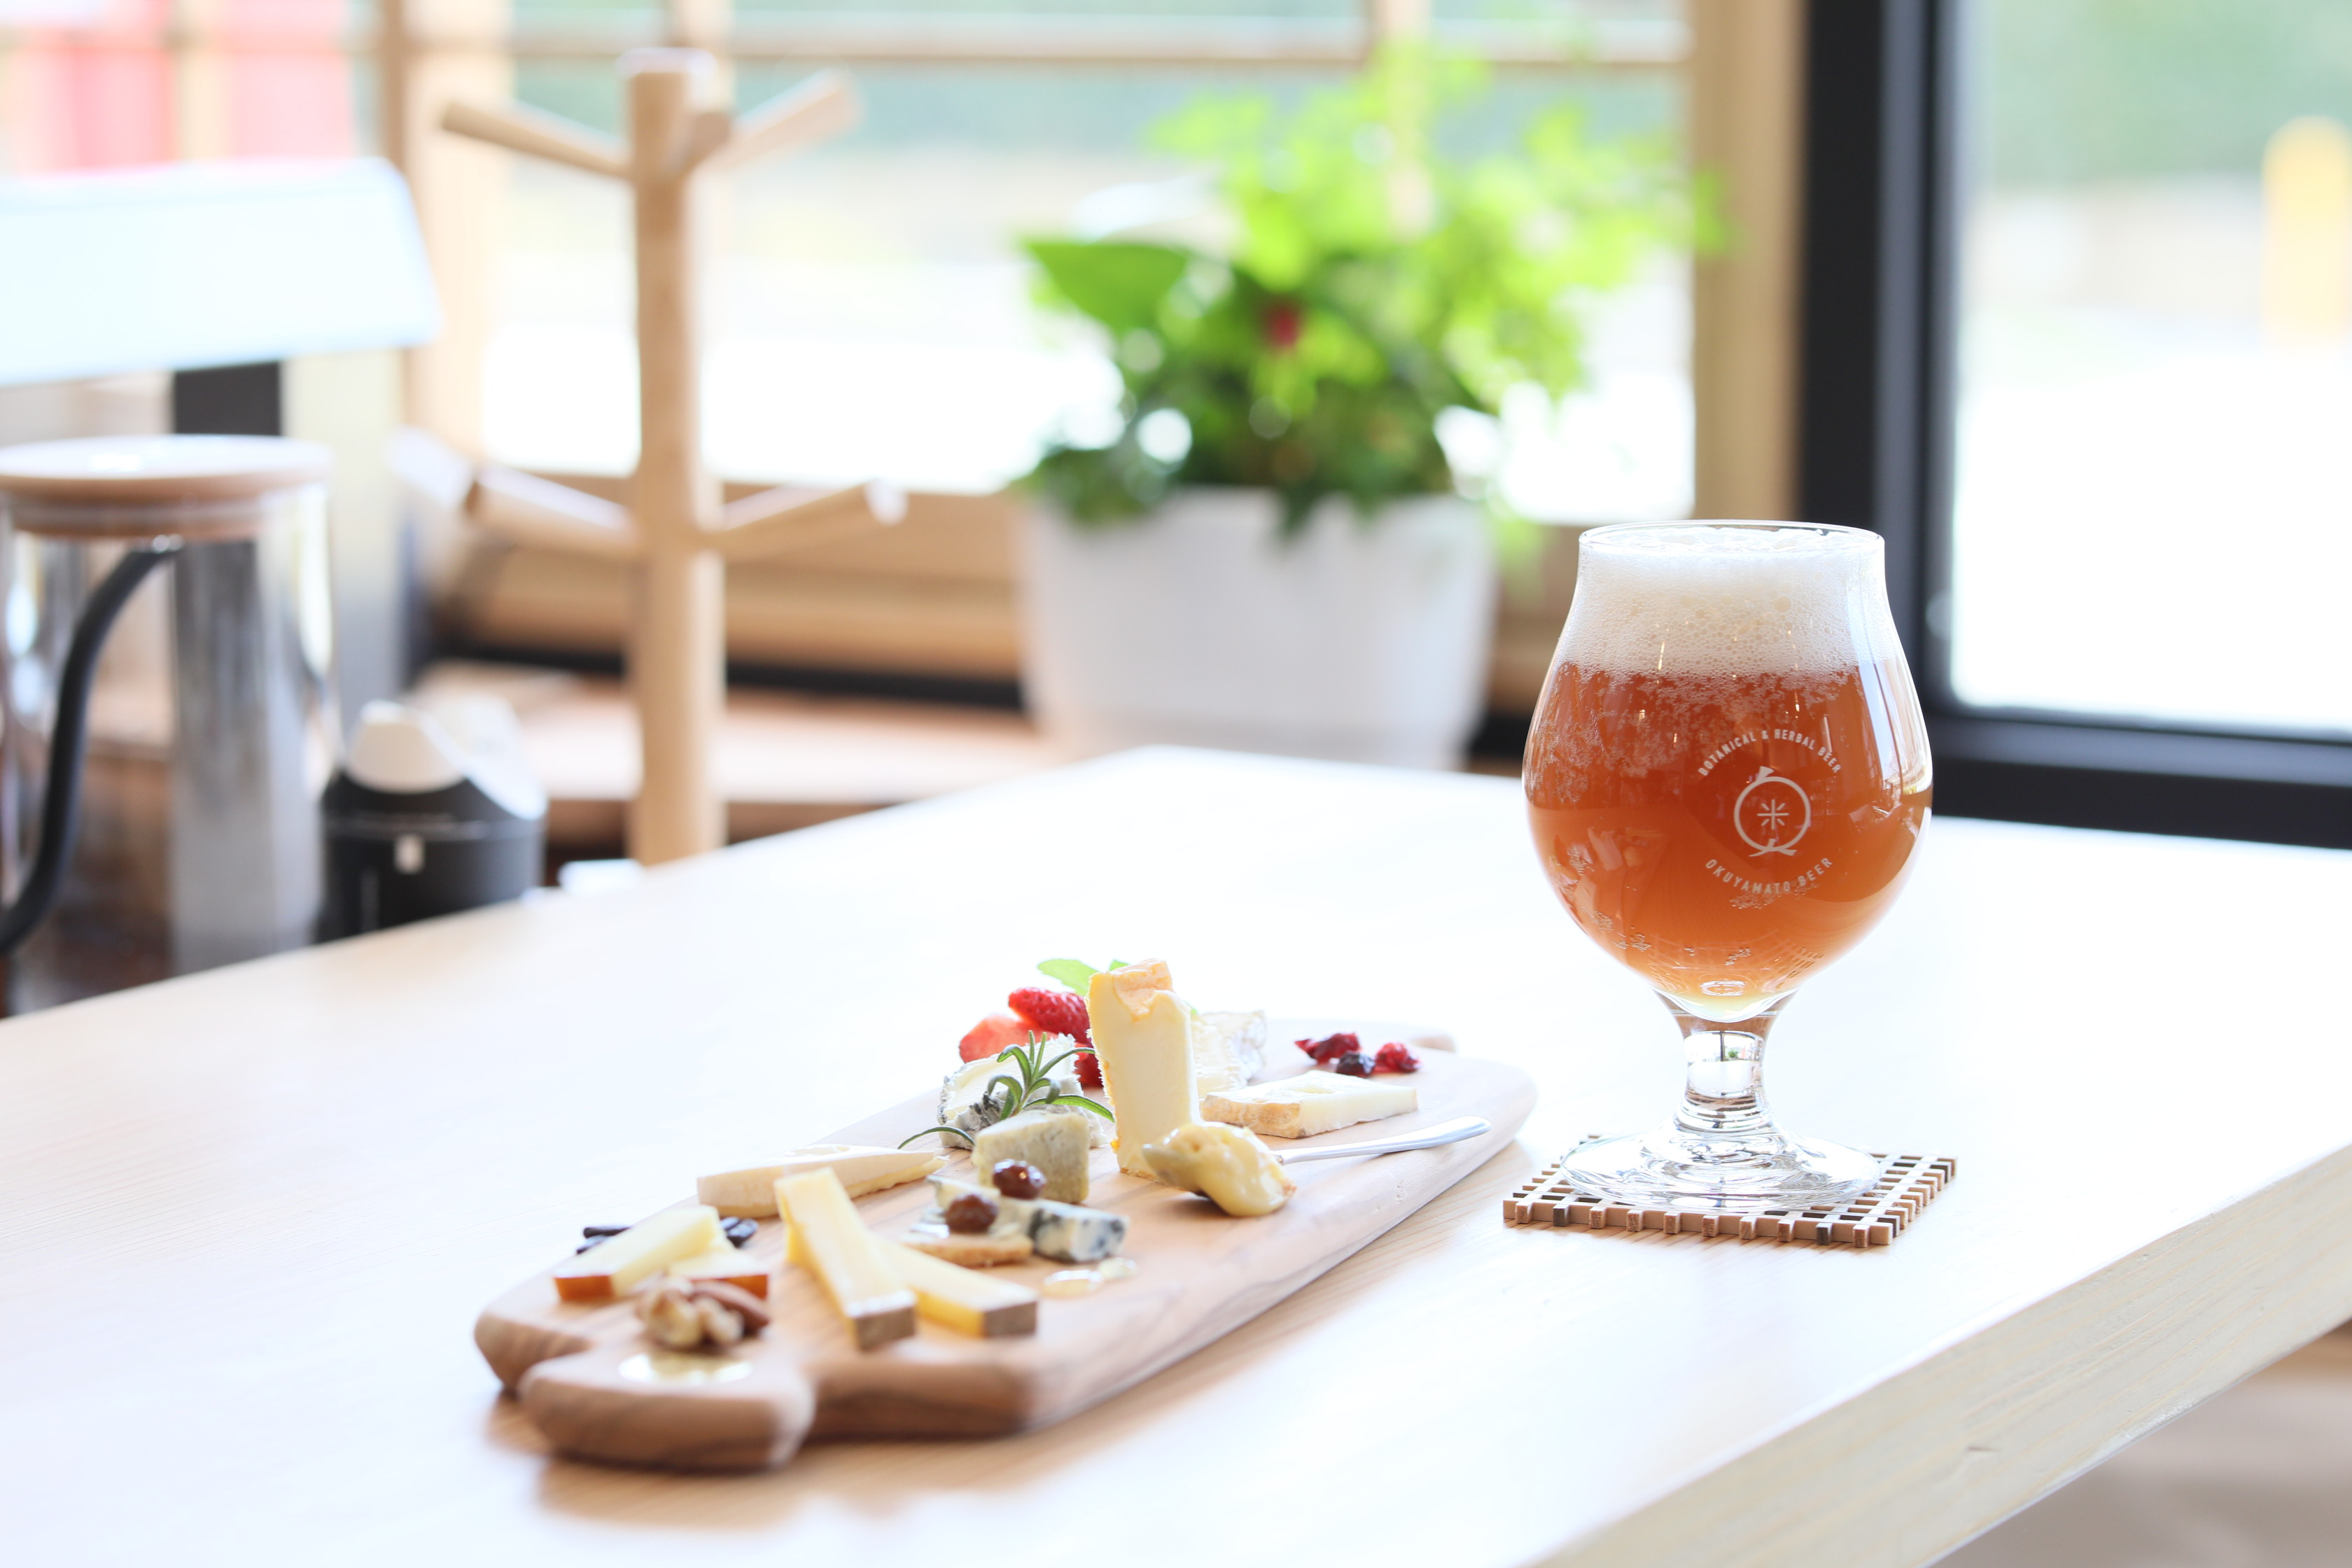 奈良市内・新大宮駅周辺、奈良市役所近くにある酒屋「農と発酵Zen(のうとはっこうぜん)」さんのクチコミレポート。角打ちコーナーあり!カフェ利用もOK!